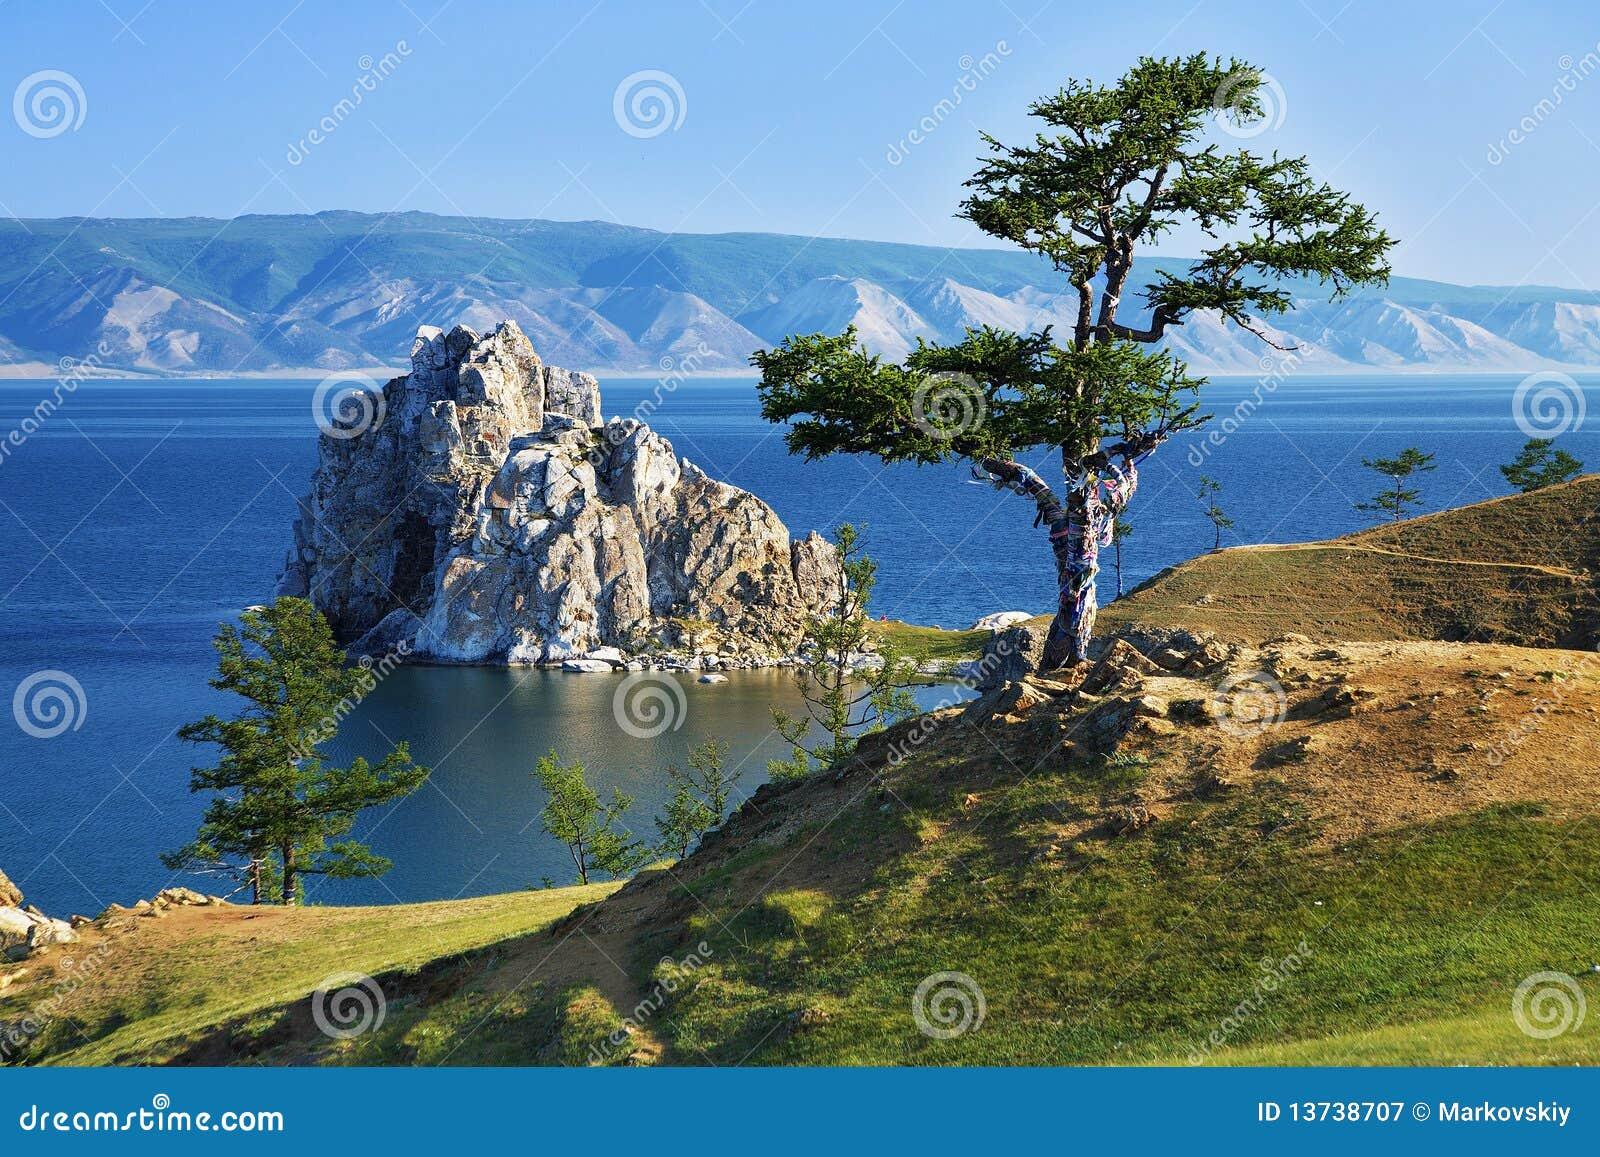 Arbre des désirs sur le lac Baikal